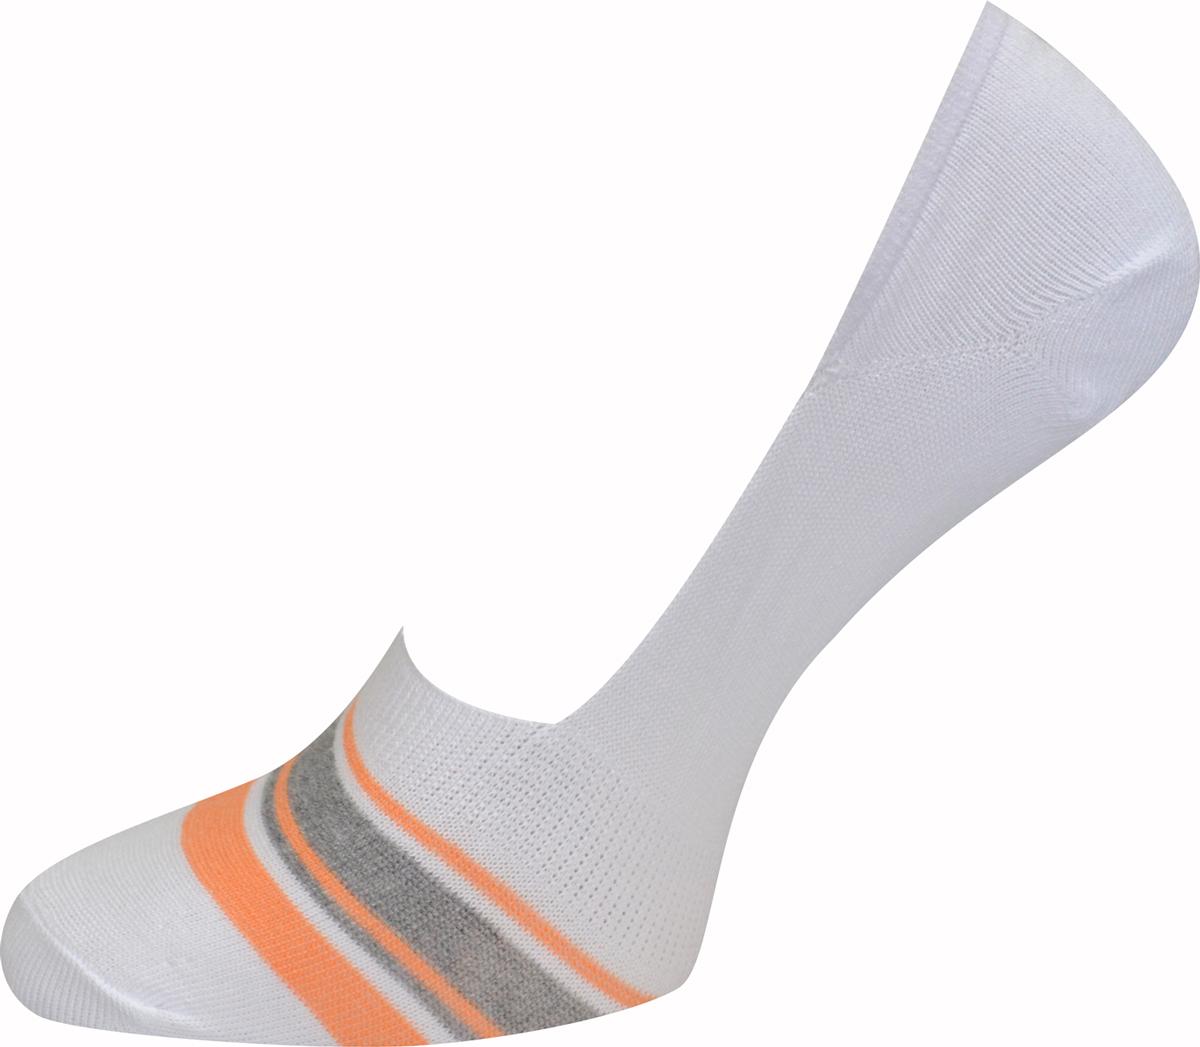 Подследники женские Master Socks, цвет: белый, оранжевый. 55830. Размер 2555830Удобные подследники Master Socks, изготовленные из высококачественного комбинированного материала с хлопковой основой, очень мягкие и приятные на ощупь, позволяют коже дышать. Практичные и комфортные подследники великолепно подойдут к любой вашей обуви.